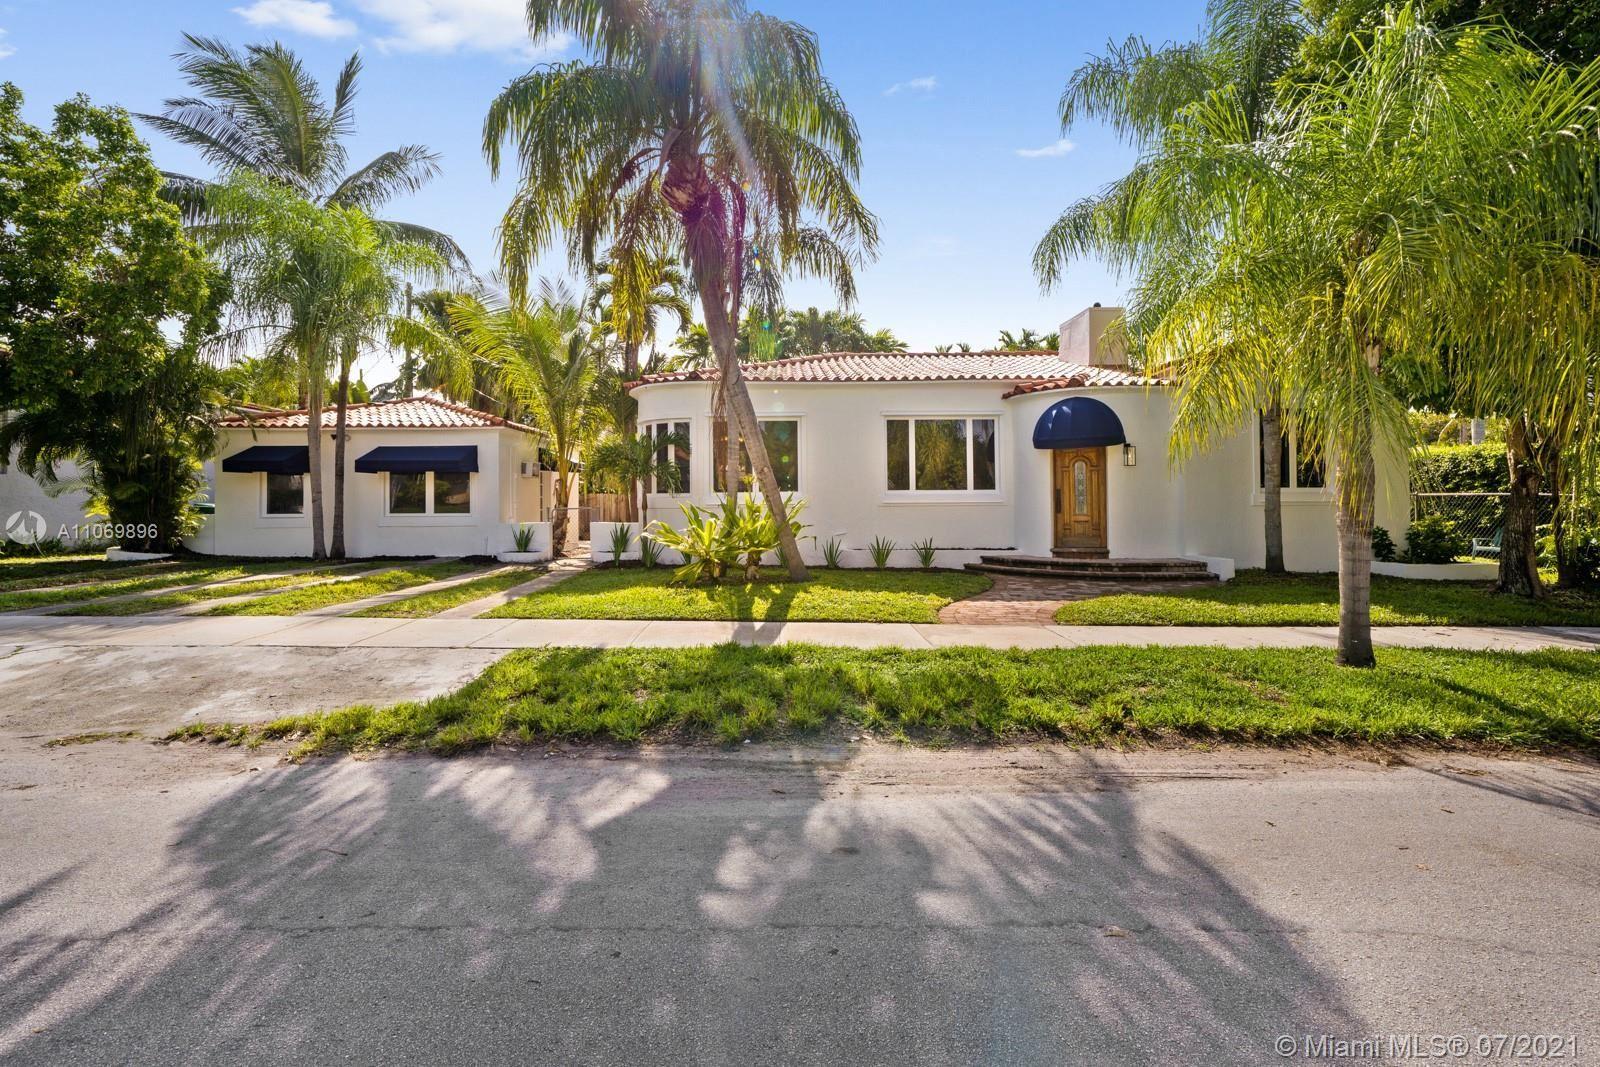 1795 SW 14th Ave, Miami, FL 33145 - #: A11069896